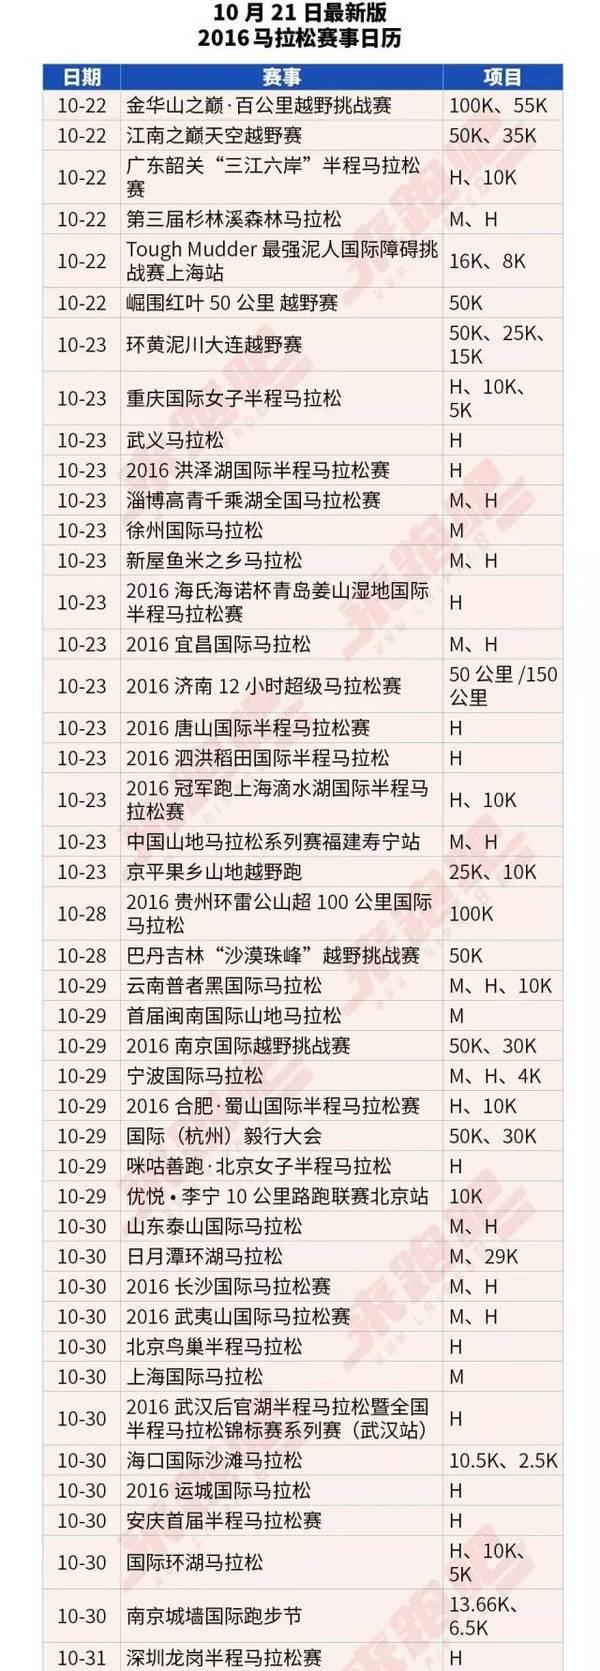 【2017马拉松比赛时间表